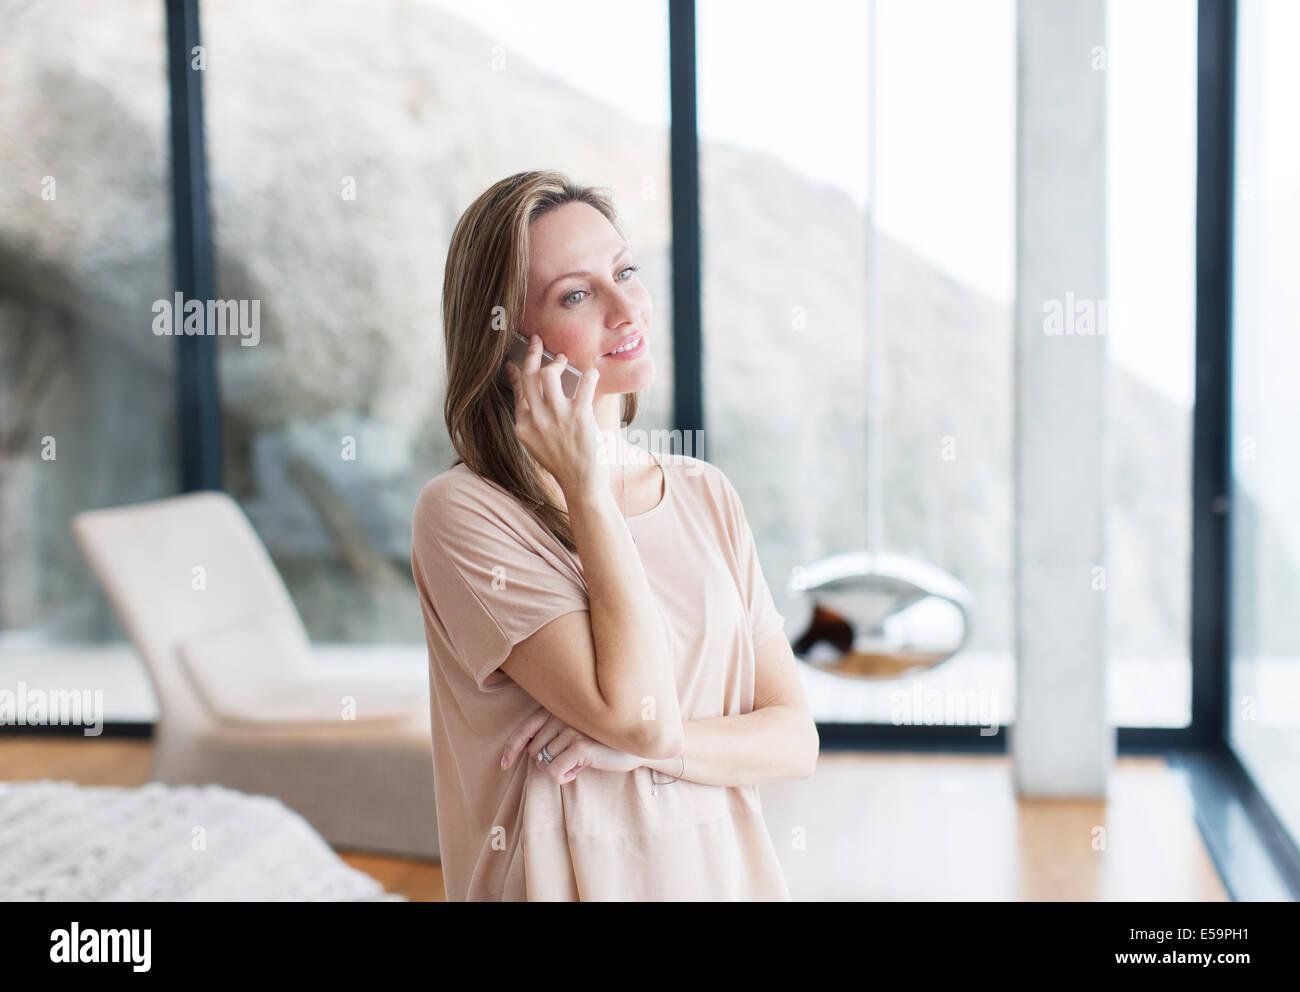 Frau am Handy im modernen Wohnzimmer Stockbild